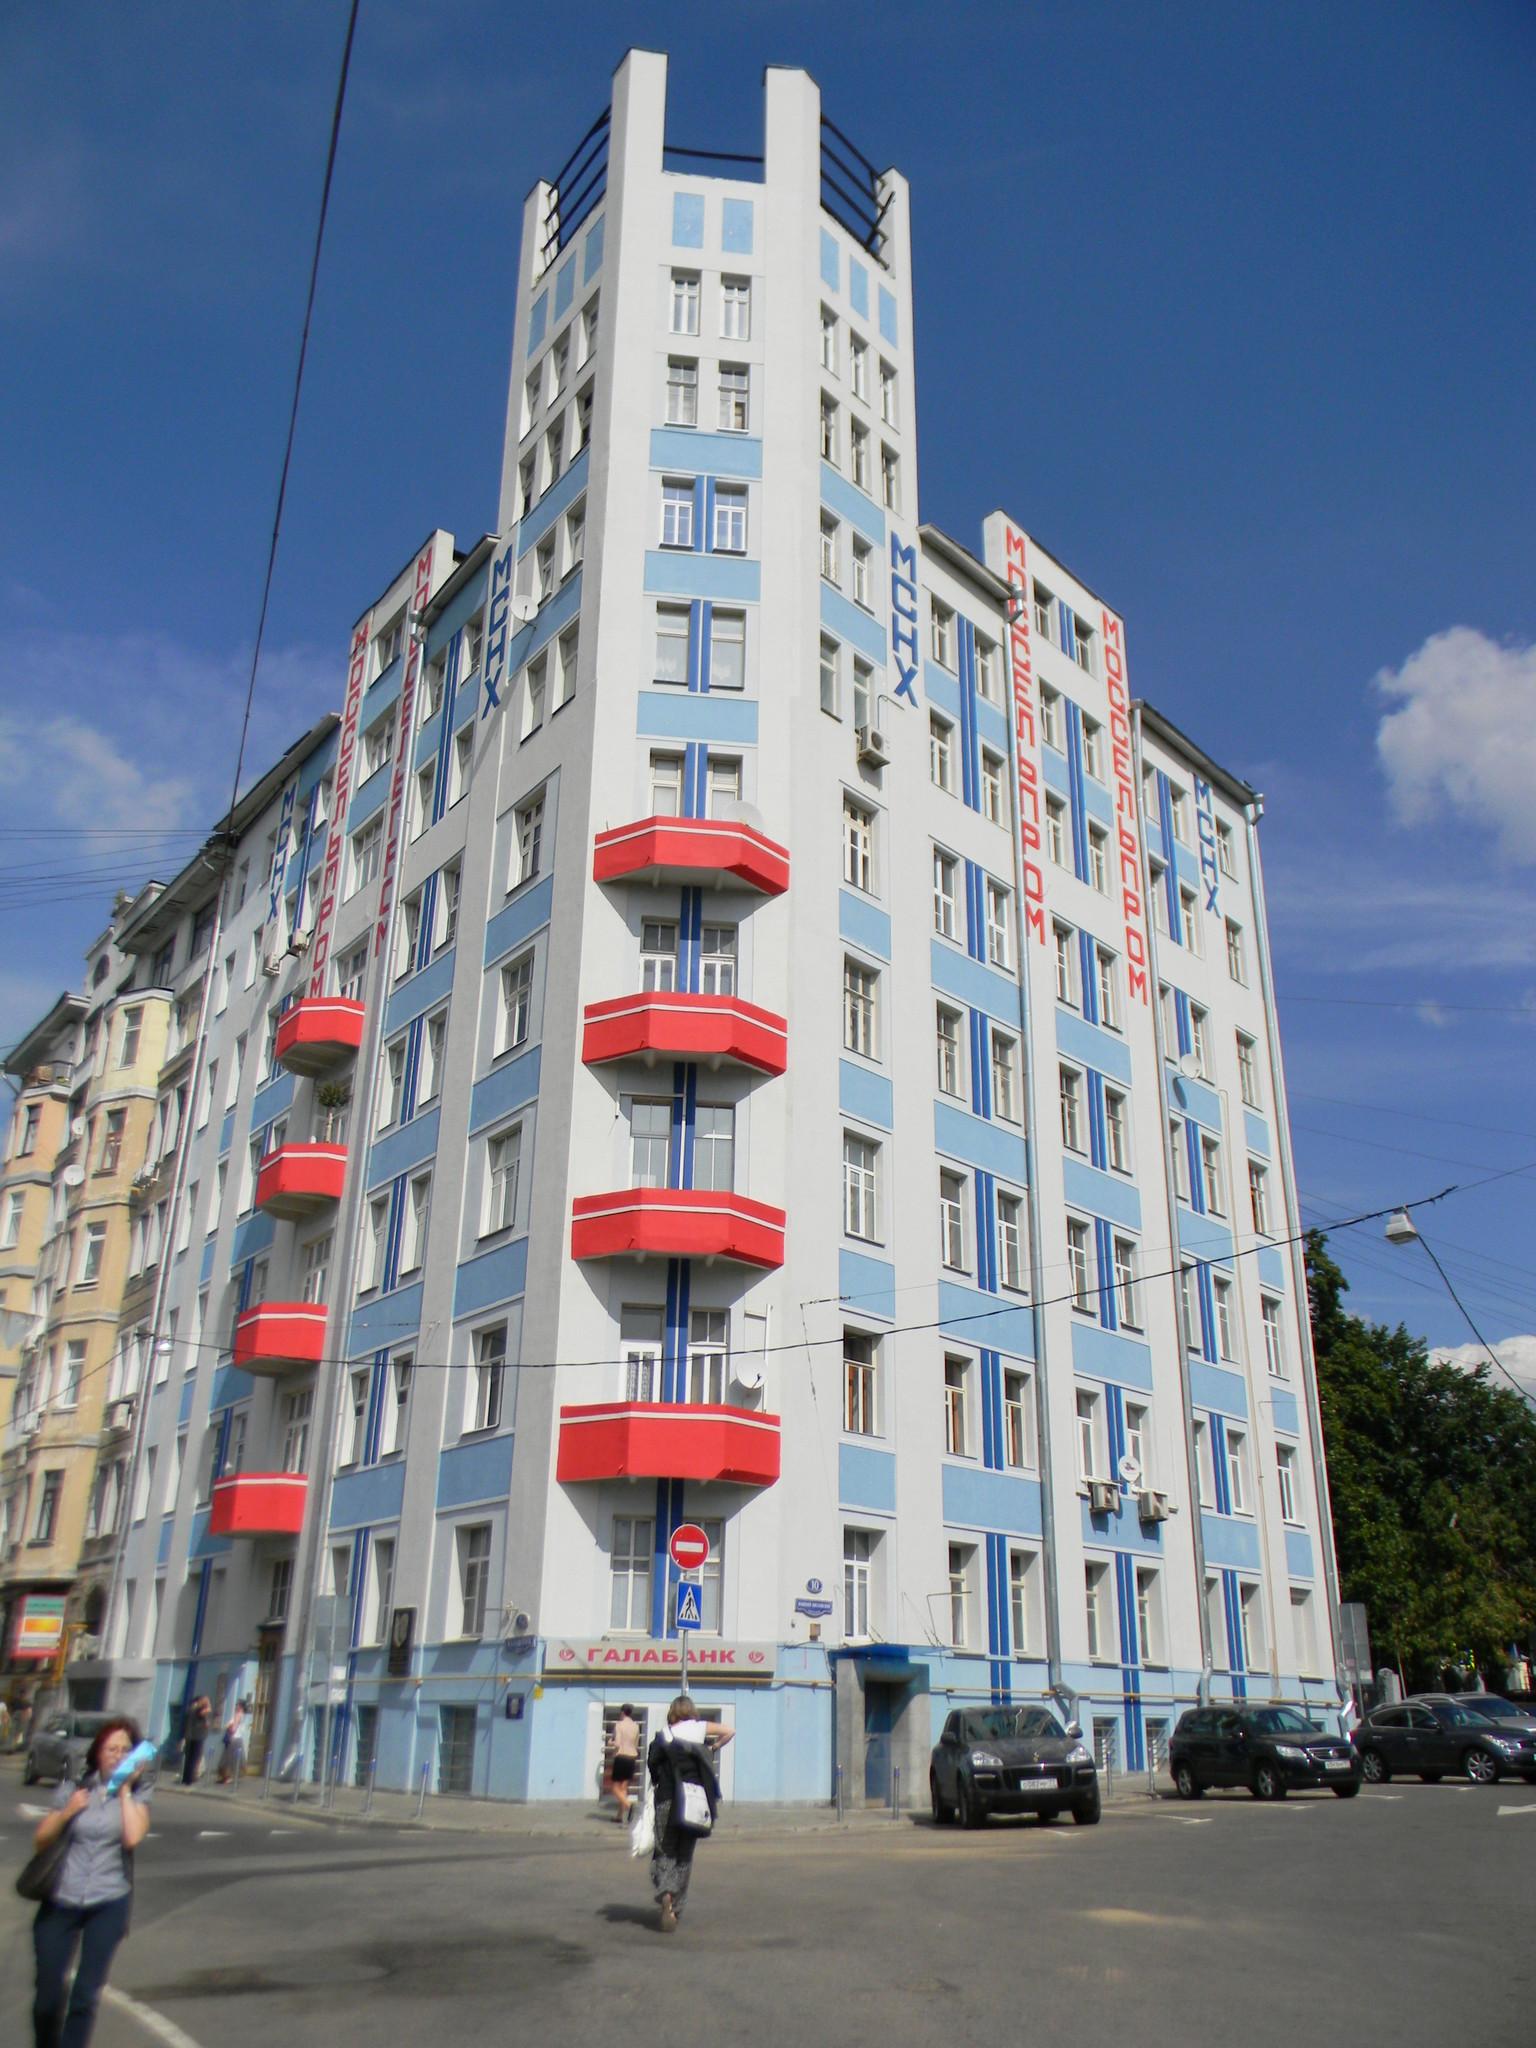 Дом Моссельпрома в Москве - памятник русского конструктивизма и авангарда, расположенный на углу Калашного и Нижнего Кисловского переулков